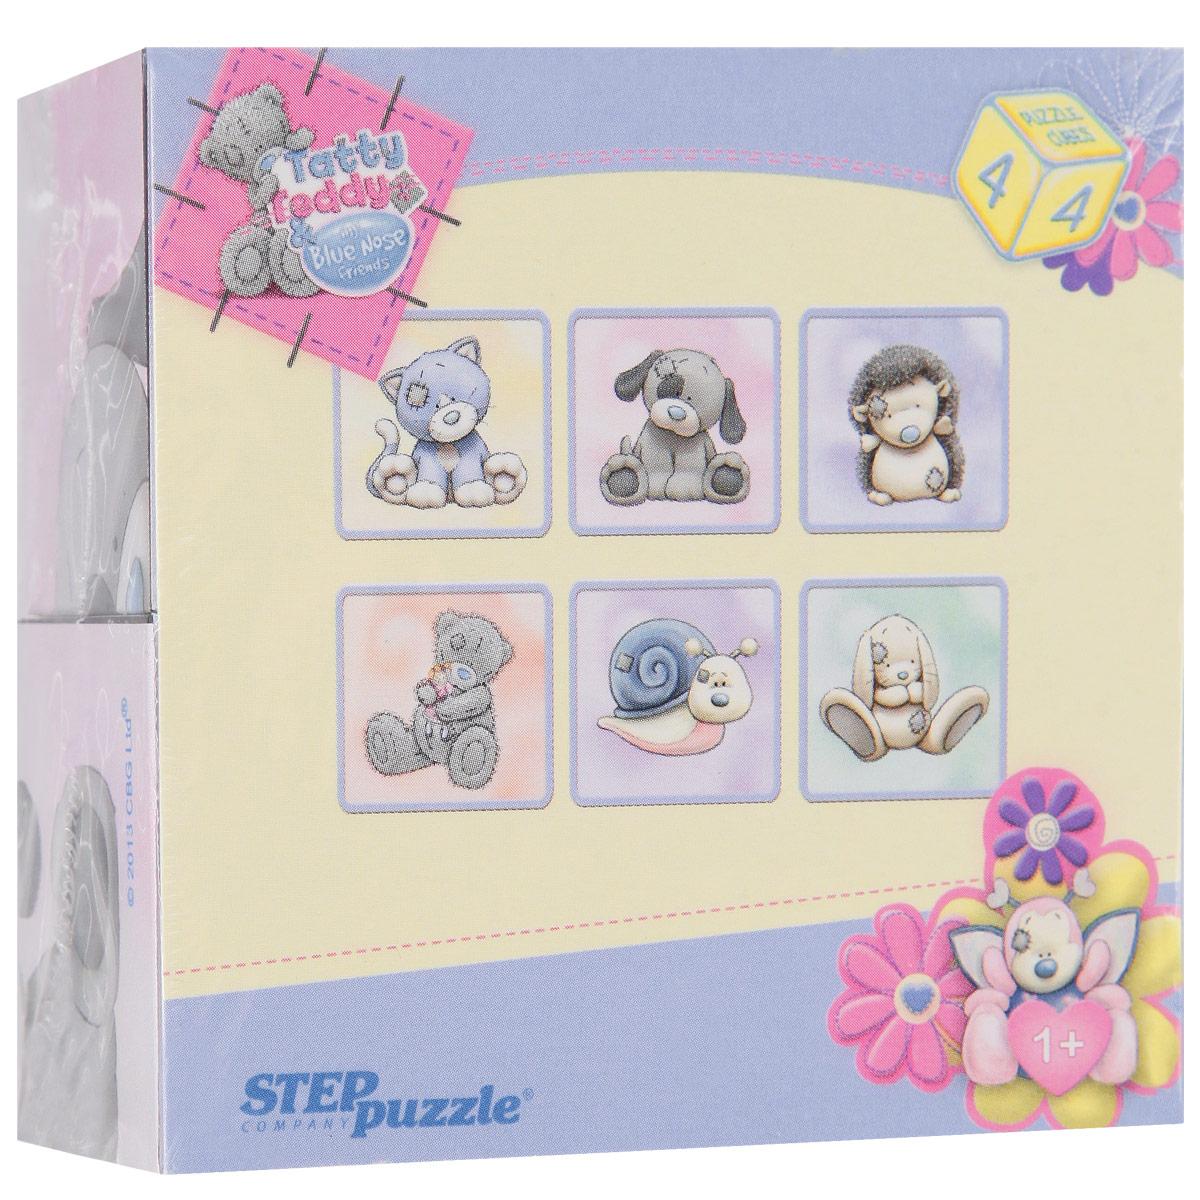 Кубики StepPuzzle Me to You: Кот, 4 шт87135_котКубики StepPuzzle Me to You: Кот включают в себя 4 кубика, на каждой грани которых расположен элемент рисунка. Составляя кубики, малыш сможет собрать 6 красочных картинок с изображением мишки Тедди и его друзей - щеночка, котенка, ежика, улитки и зайчонка. Кубики выполнены из прочного безопасного пластика. Их грани идеально ровные, малышу непременно понравится держать их в руках, рассматривать и строить из них различные конструкции. А собирание ярких картинок с любимыми героями поможет малышу развить навыки логического мышления и поможет ему познакомиться с разными цветами и их названиями. Игры с кубиками развивают мелкую моторику рук, цветовое восприятие и пространственное мышление. Ребенку непременно понравится учиться и играть с кубиками, такие игры не только надолго займут внимание малыша, но и помогут ему развить мелкую моторику, пространственное мышление, зрительное и тактильное восприятие, а также воображение и координацию движений.